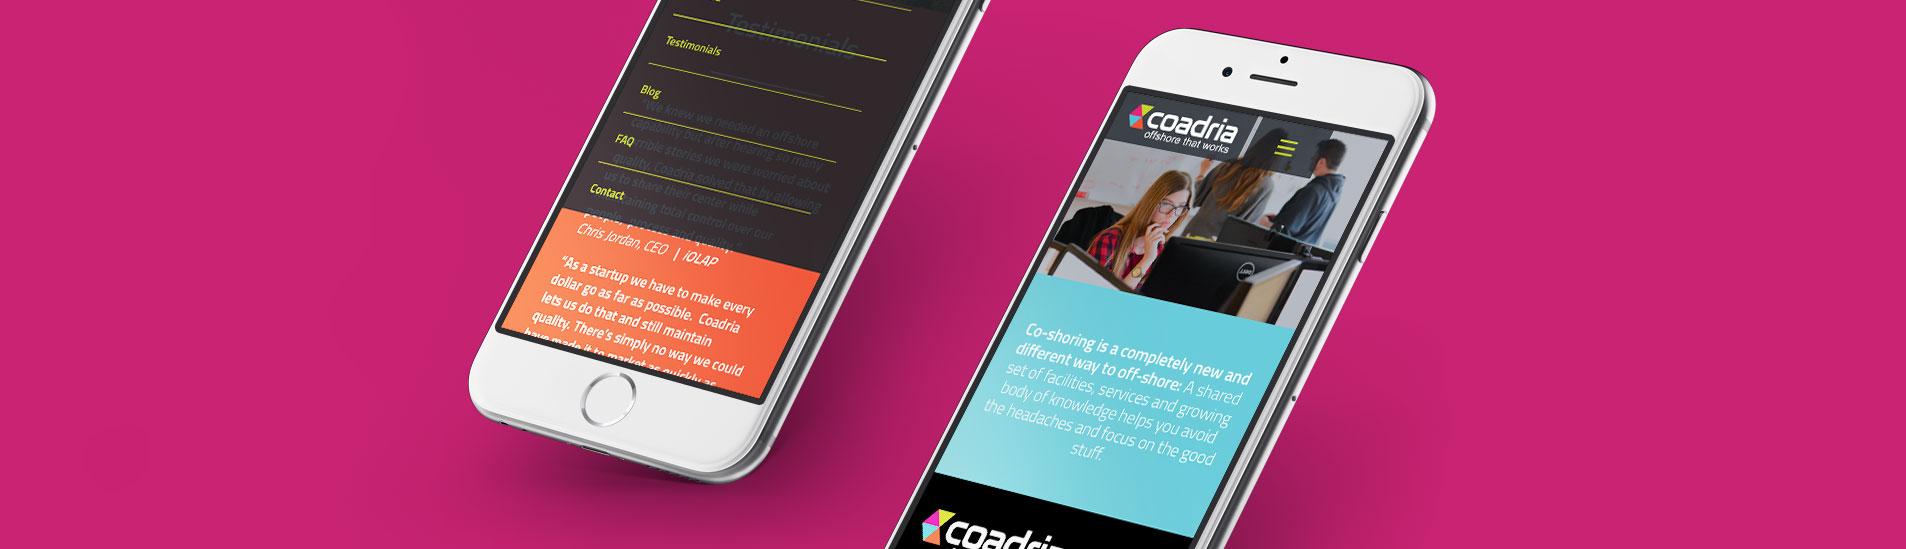 mobile website design for coadria